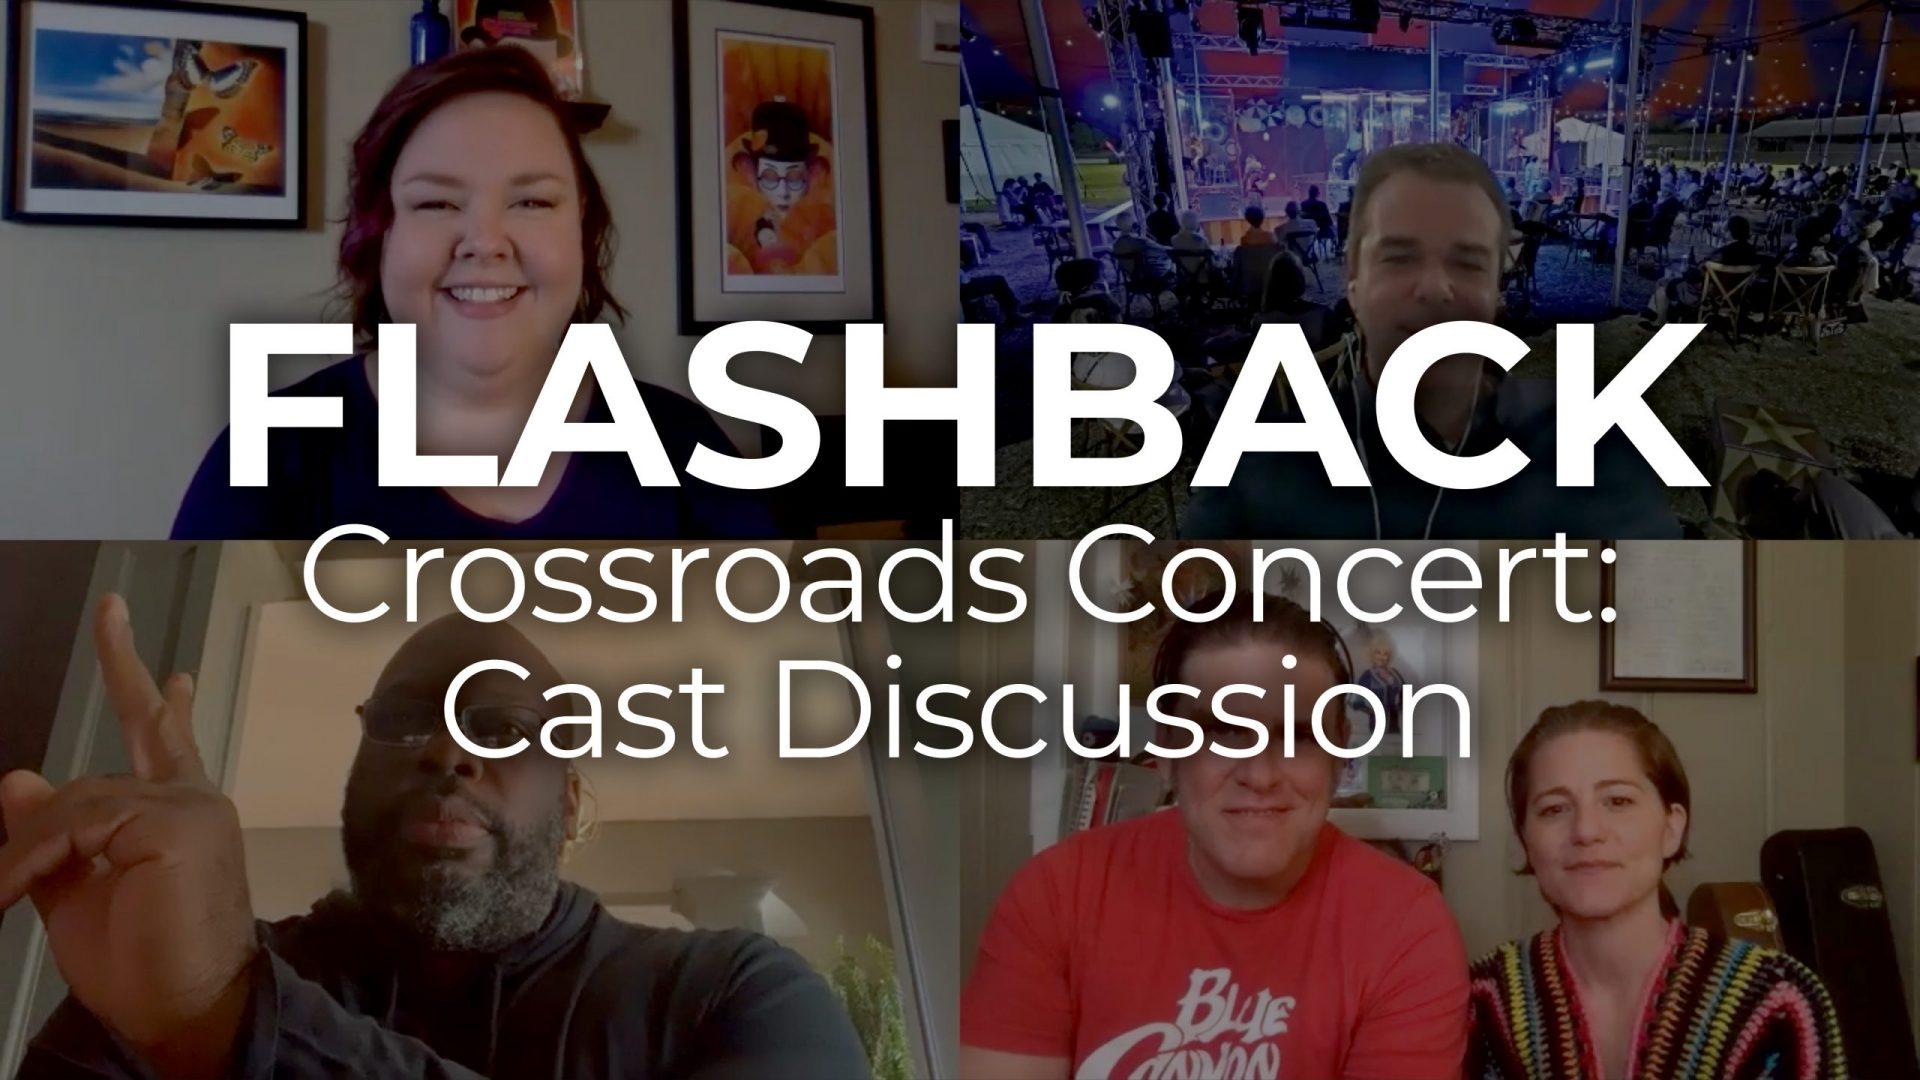 VimeoThumb_CrossroadsFlashback3